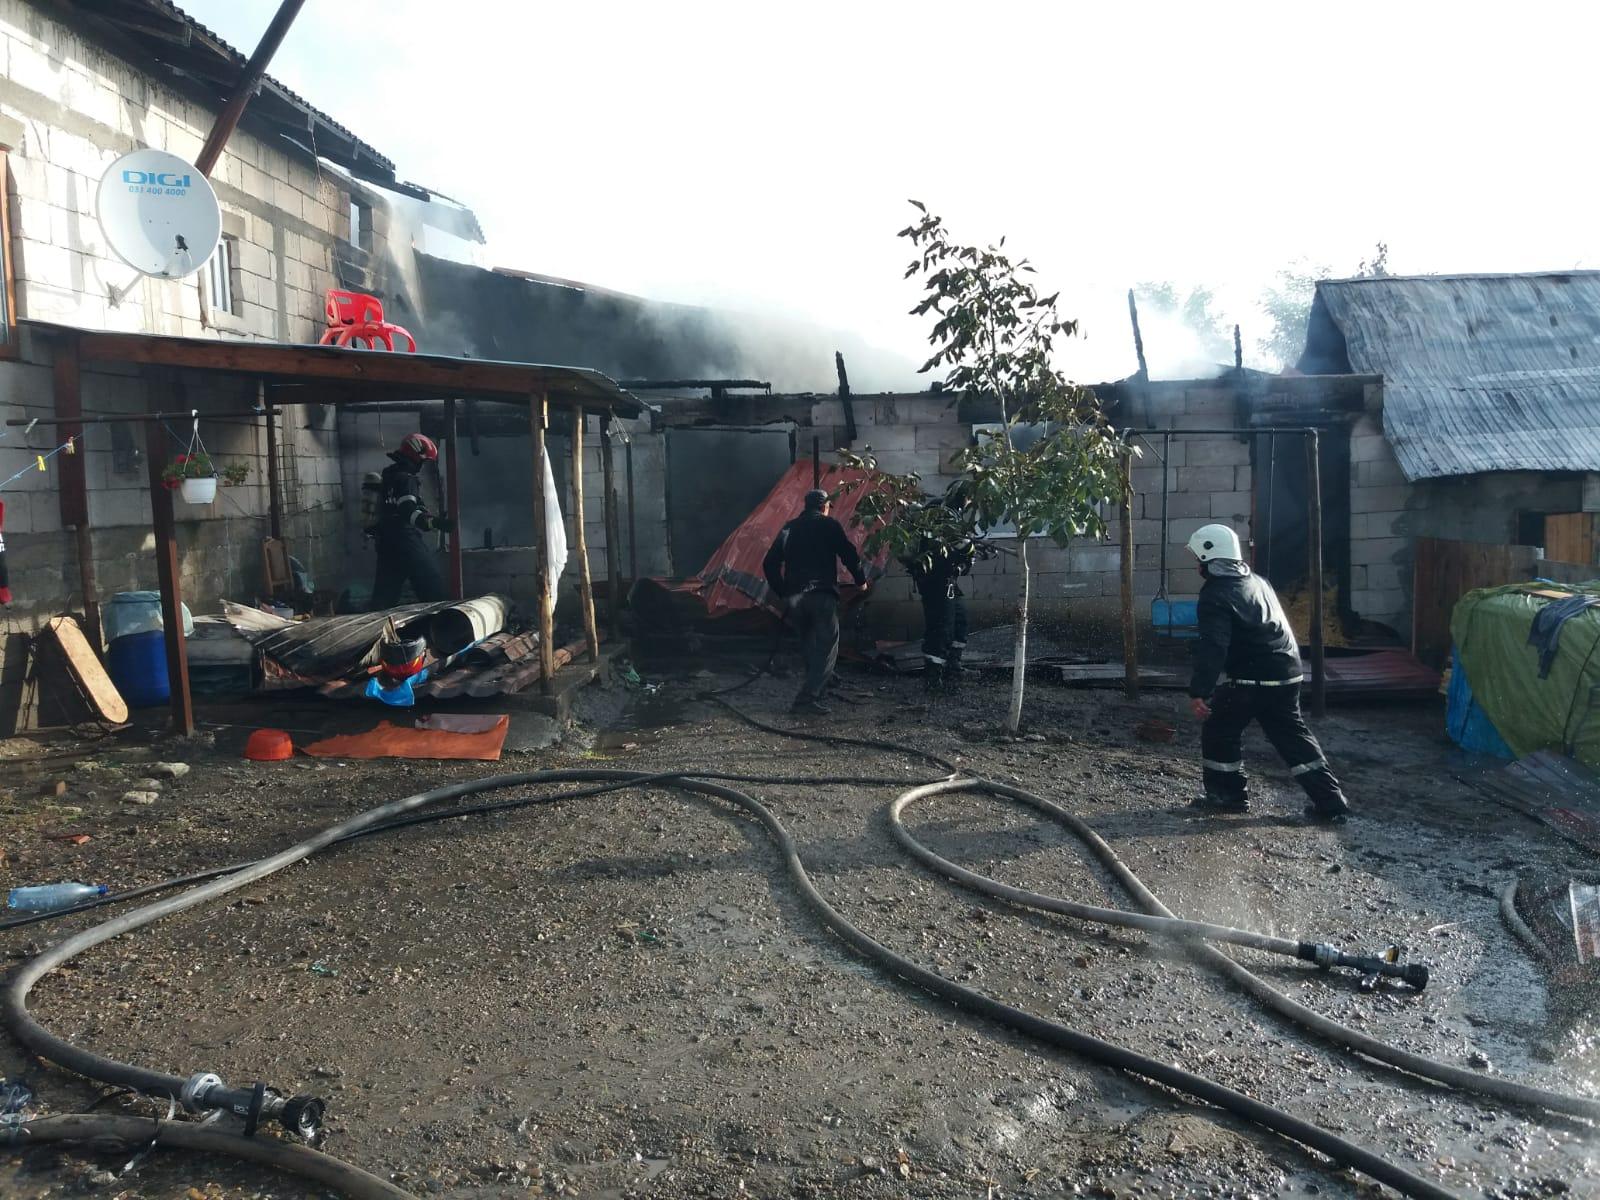 Atenție la jarul căzut din sobă! Familie cu trei copii rămași fără acoperiș deasupra capului, la Românești